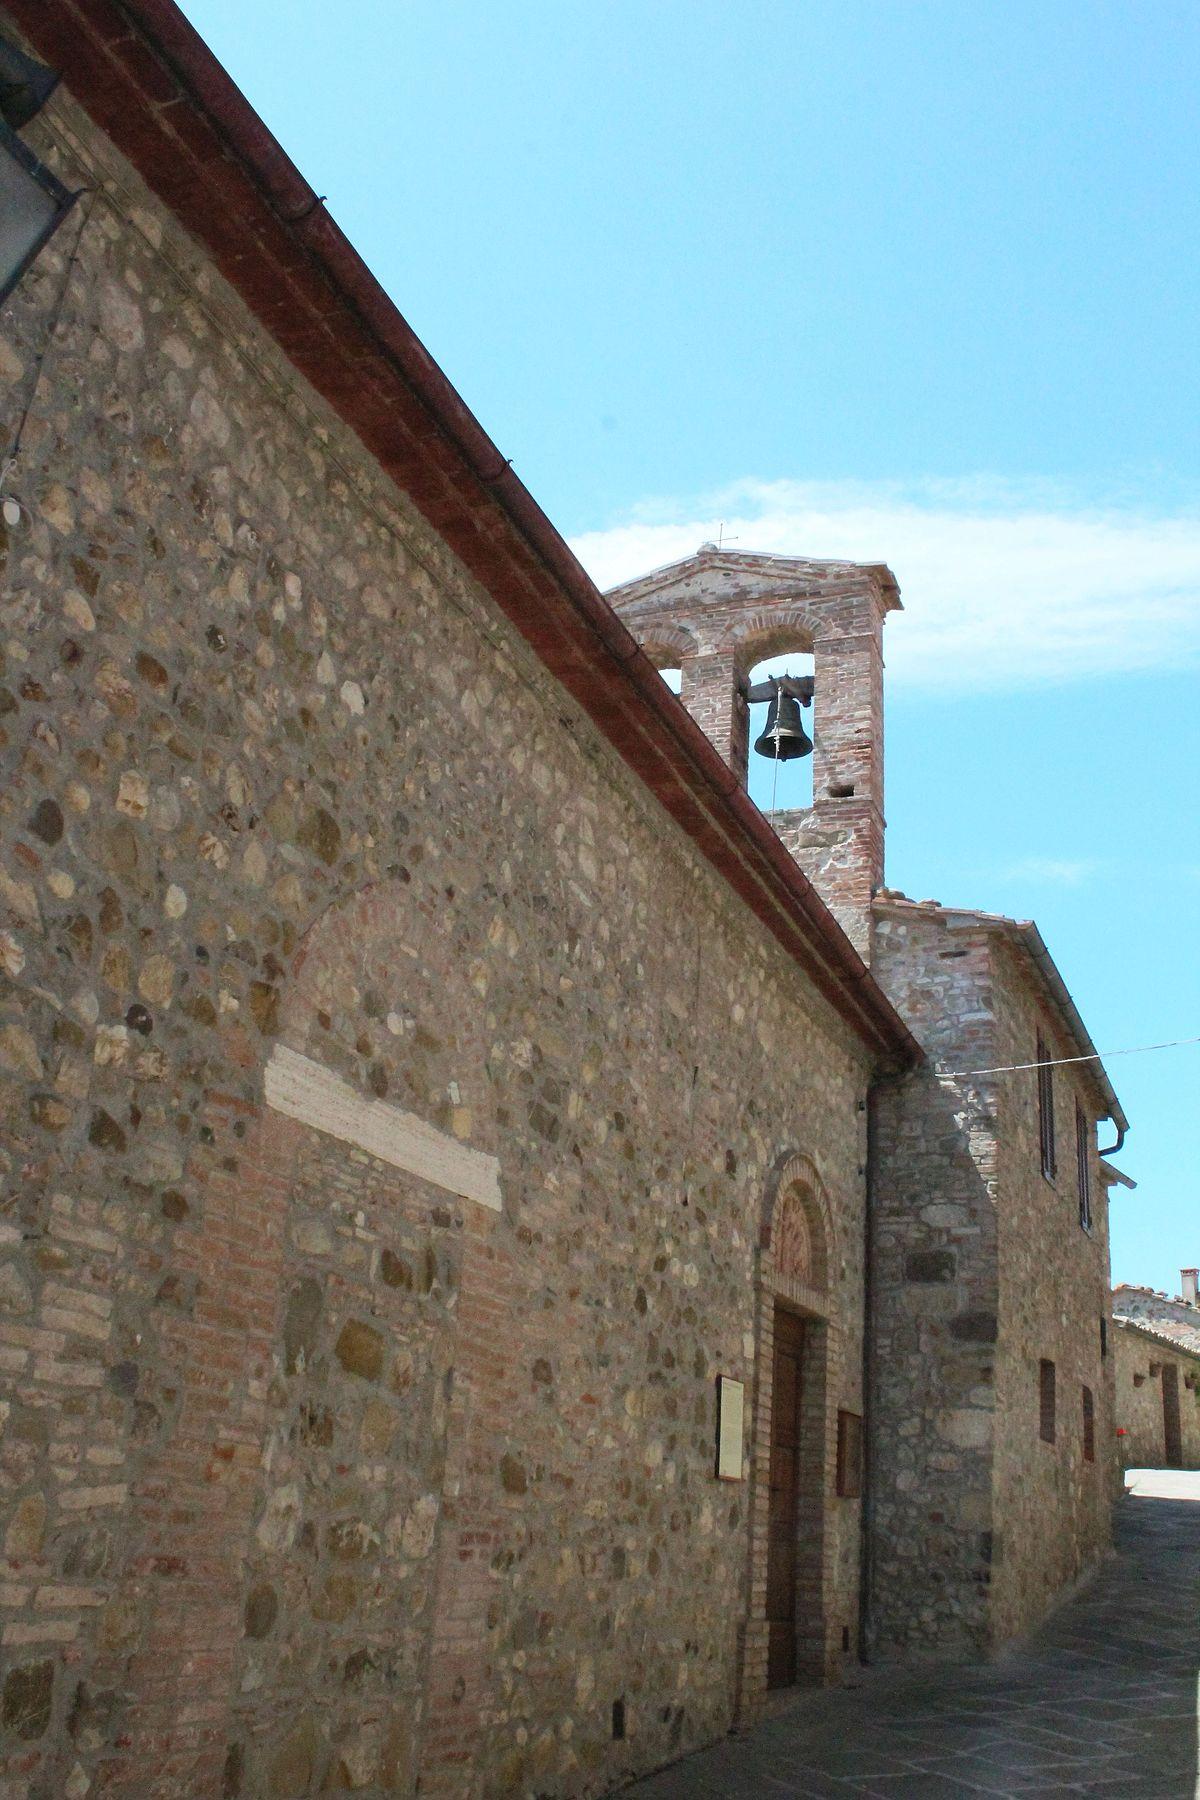 Chiesa di santa maria assunta contignano wikipedia for Santa maria jewelry company